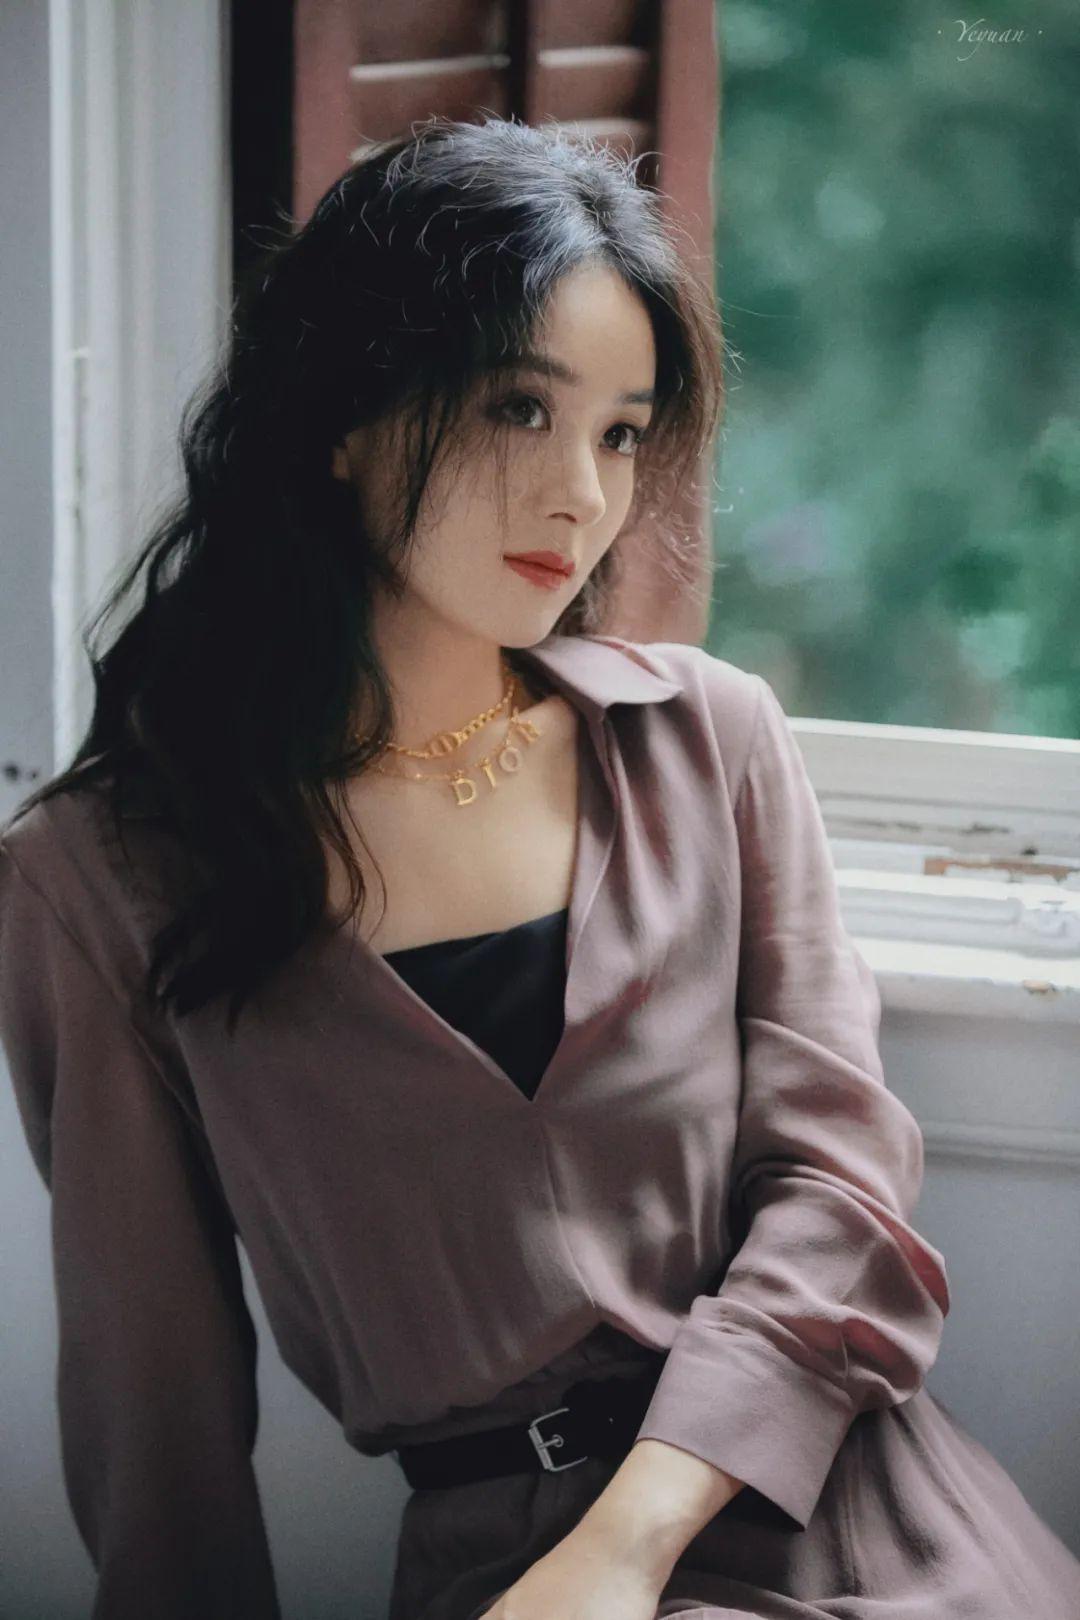 妹子写真 – 赵丽颖和赵露思,都是灵气十足的小仙女啊_图片 No.8